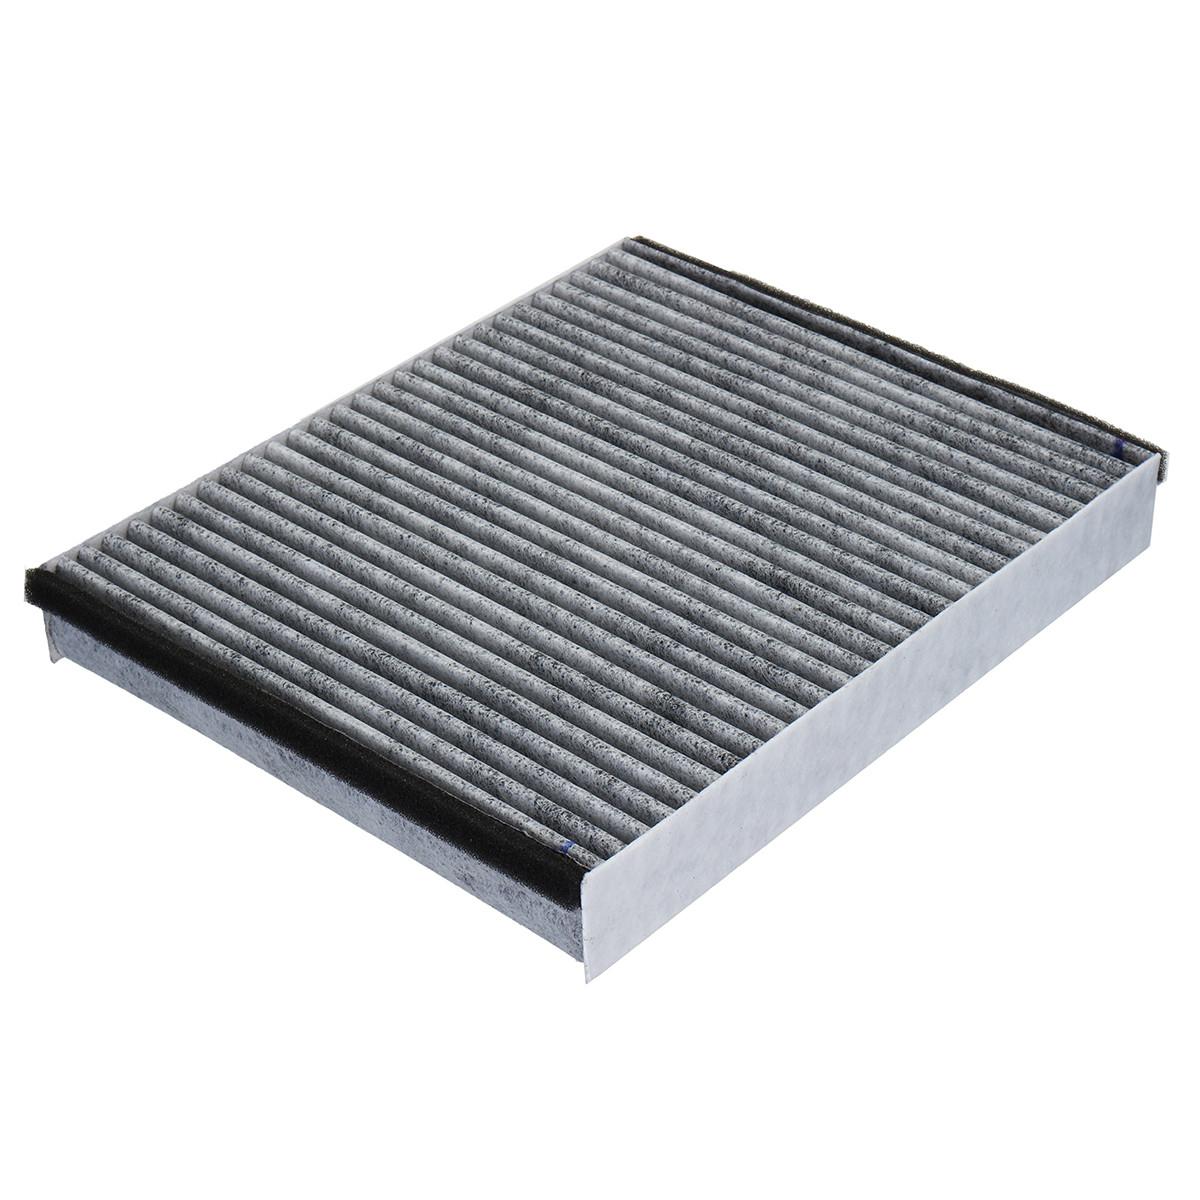 Элемент фильтра пыльцы салона для Ford Focus S-Max Mondeo Kuga Galaxy # 1315687 C40196C - 1TopShop